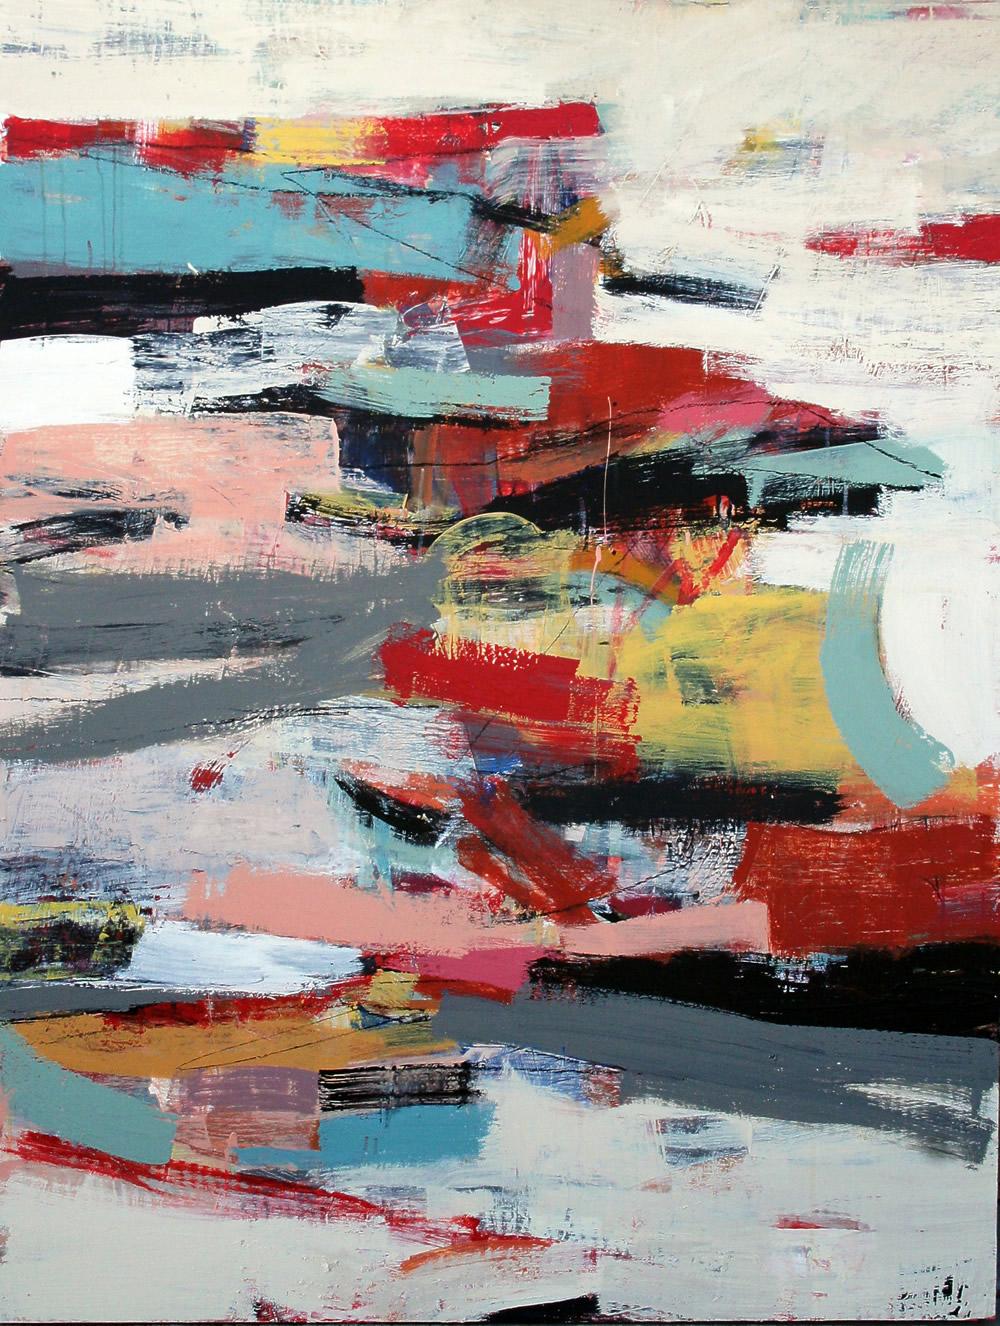 Julie Schumer - Santa Fe, NM artist